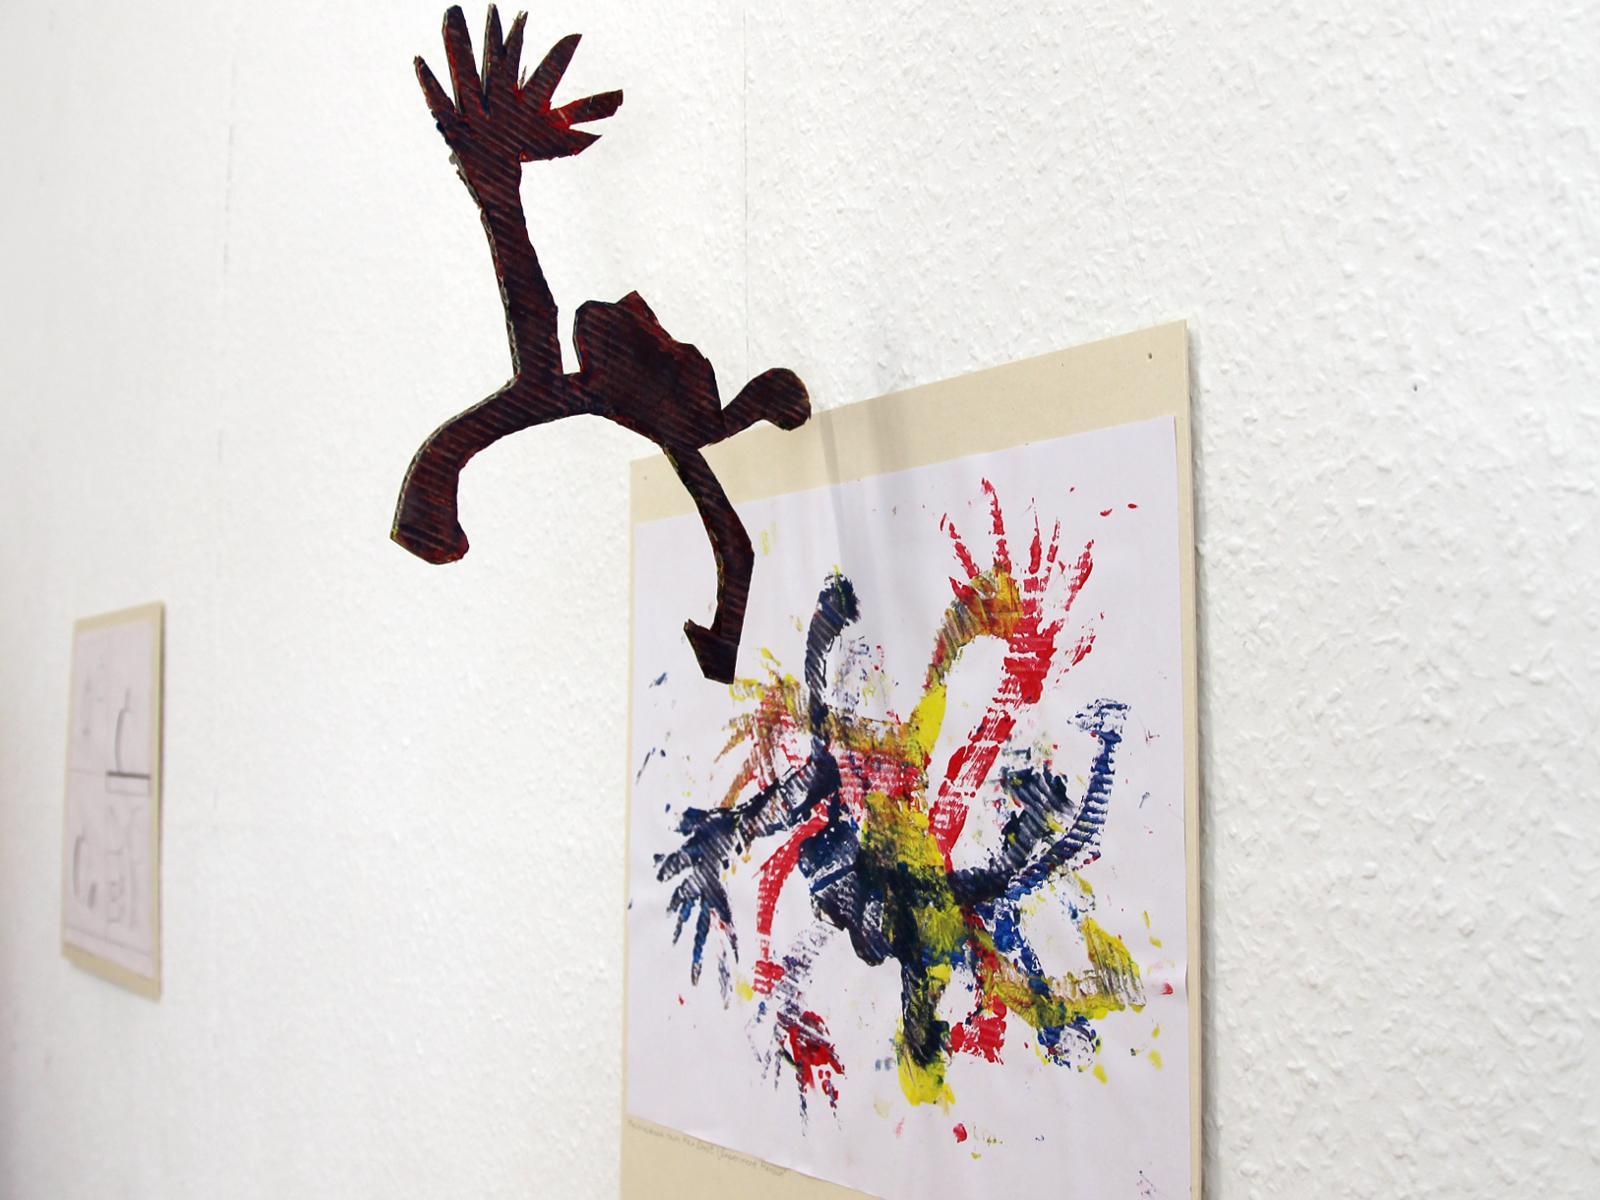 Kontakt Kunstgespuer Kinderatelier-Ausstellung-Fantasievolle-Druckgrafik-Plastik Vorschulkind